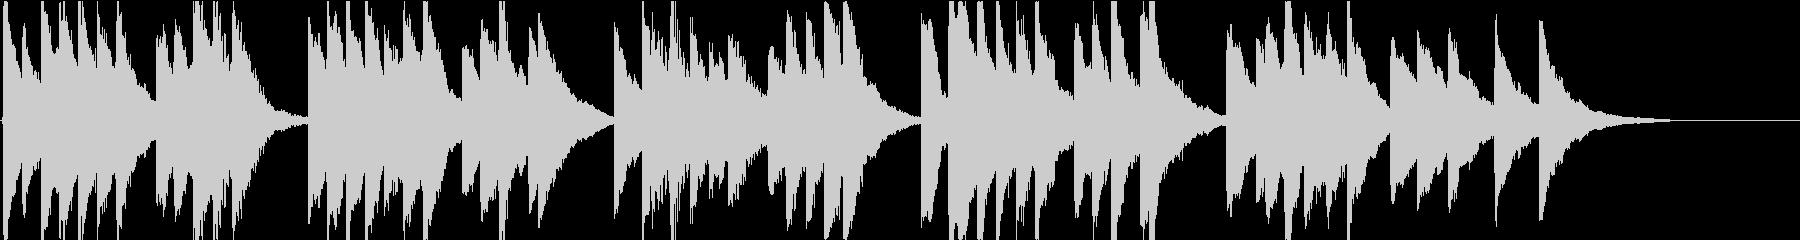 時報・チャイム風の名曲のメロディ・11の未再生の波形